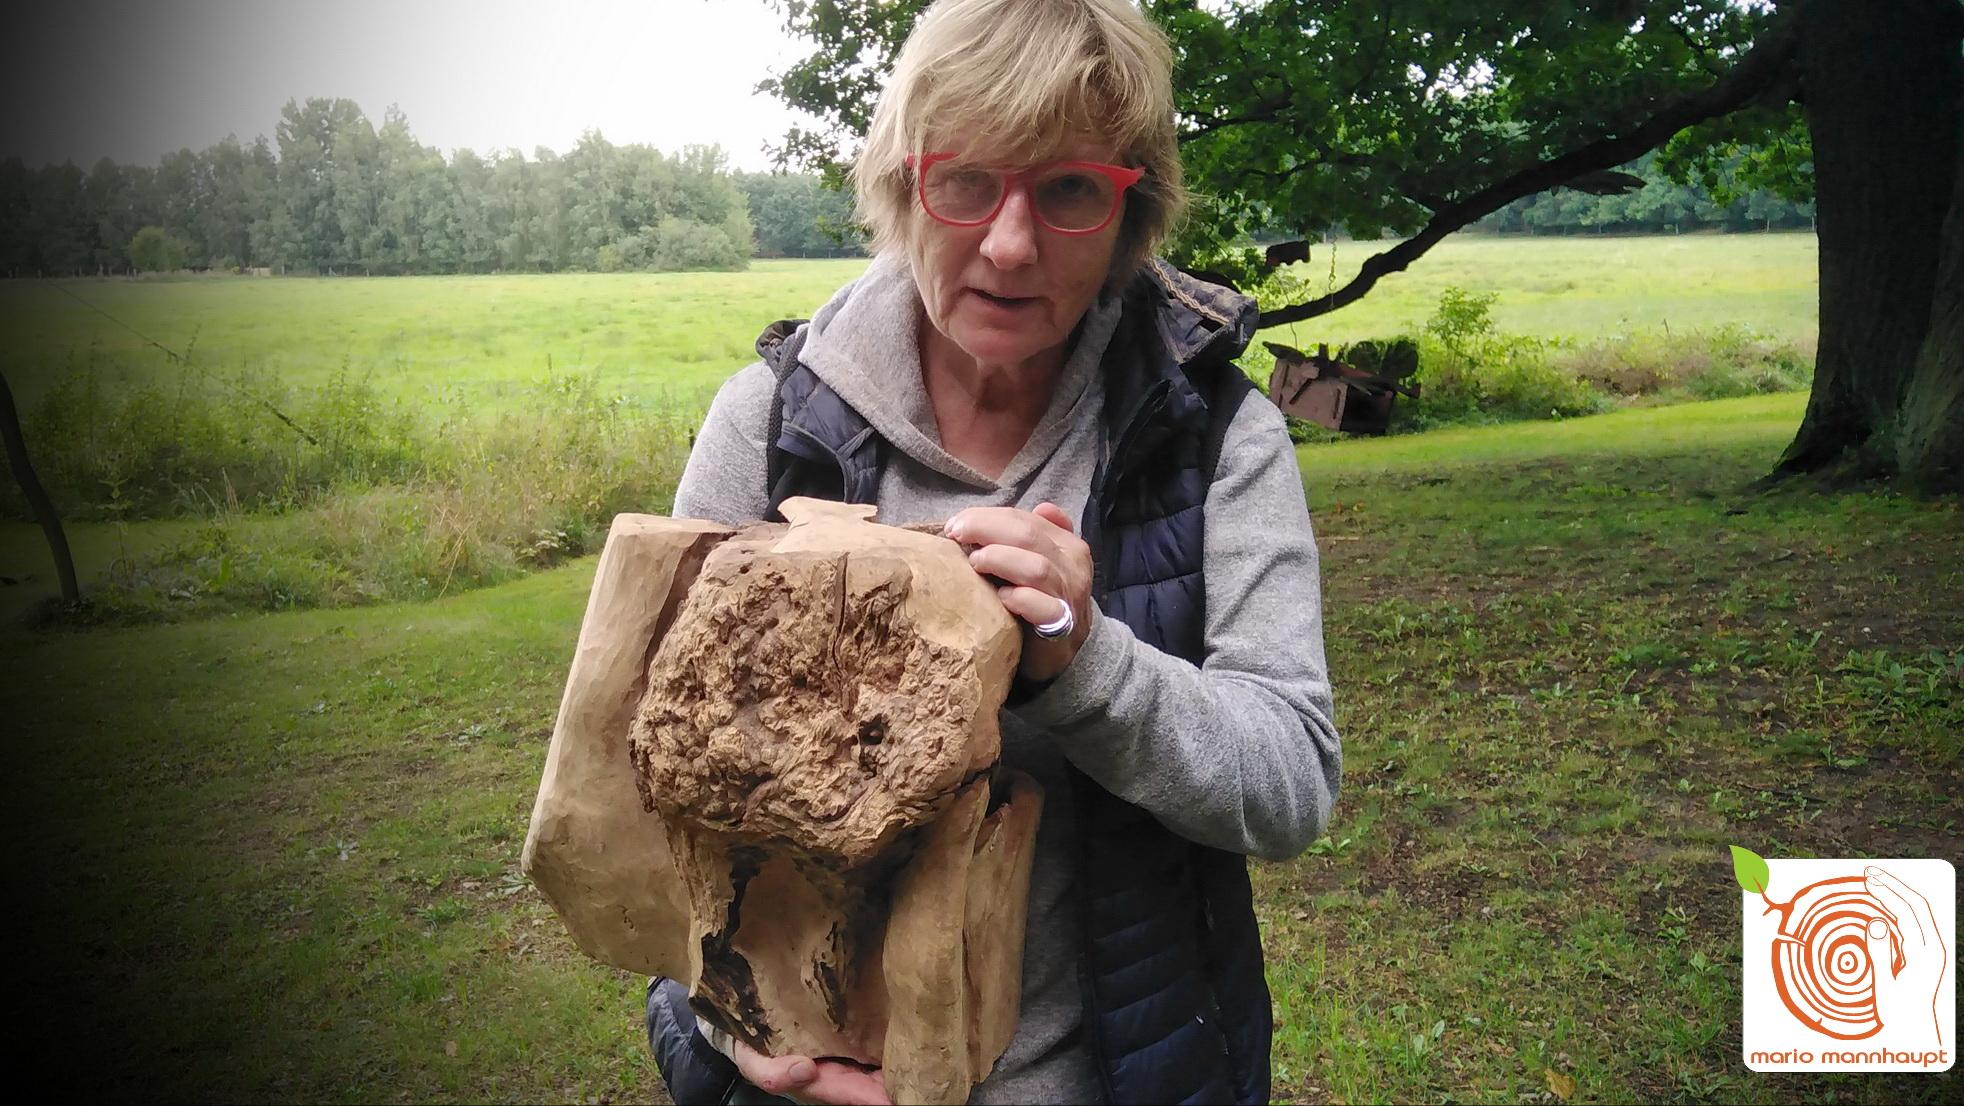 Ein neues Hobby ausprobieren! Holzbildhauerei bei Mario Mannhaupt erlernen.